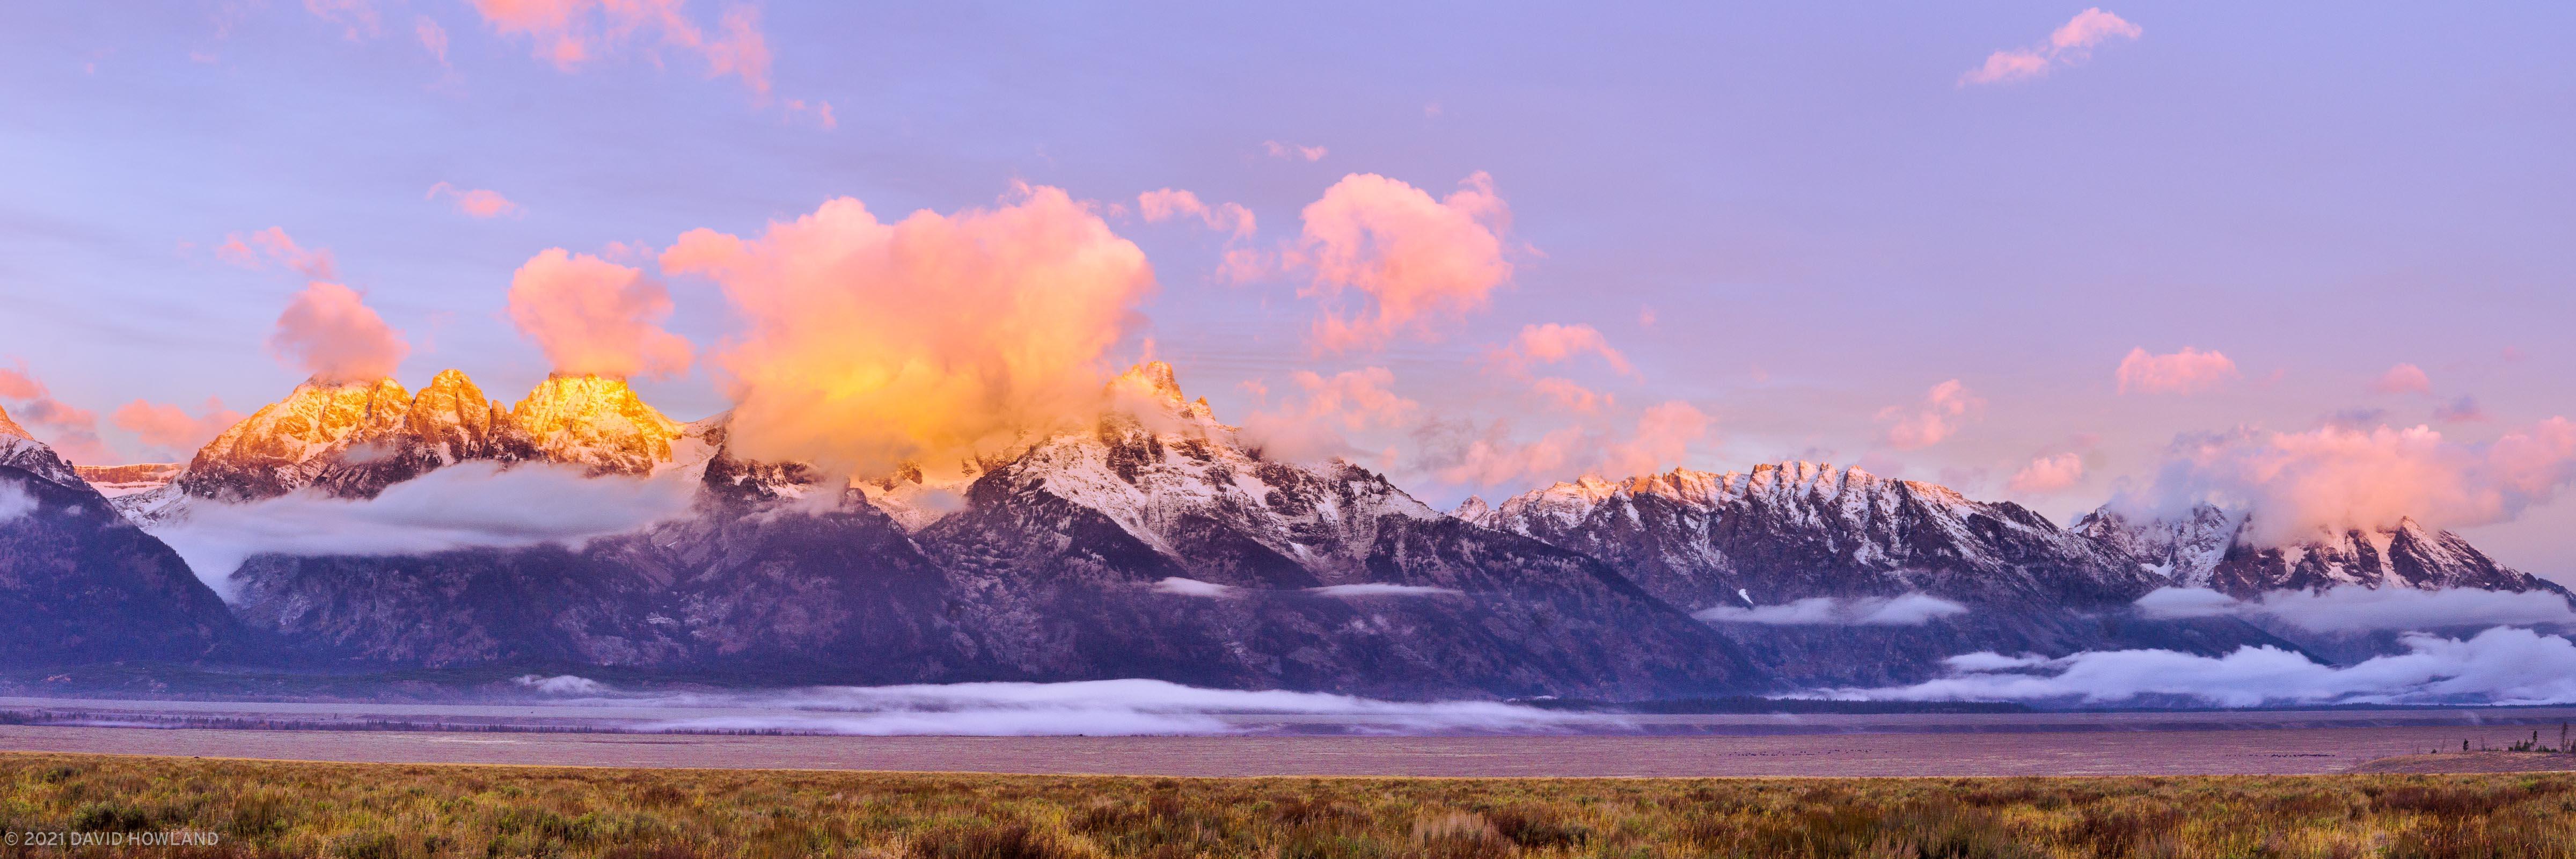 Sunrise Alpenglow on the Teton Range